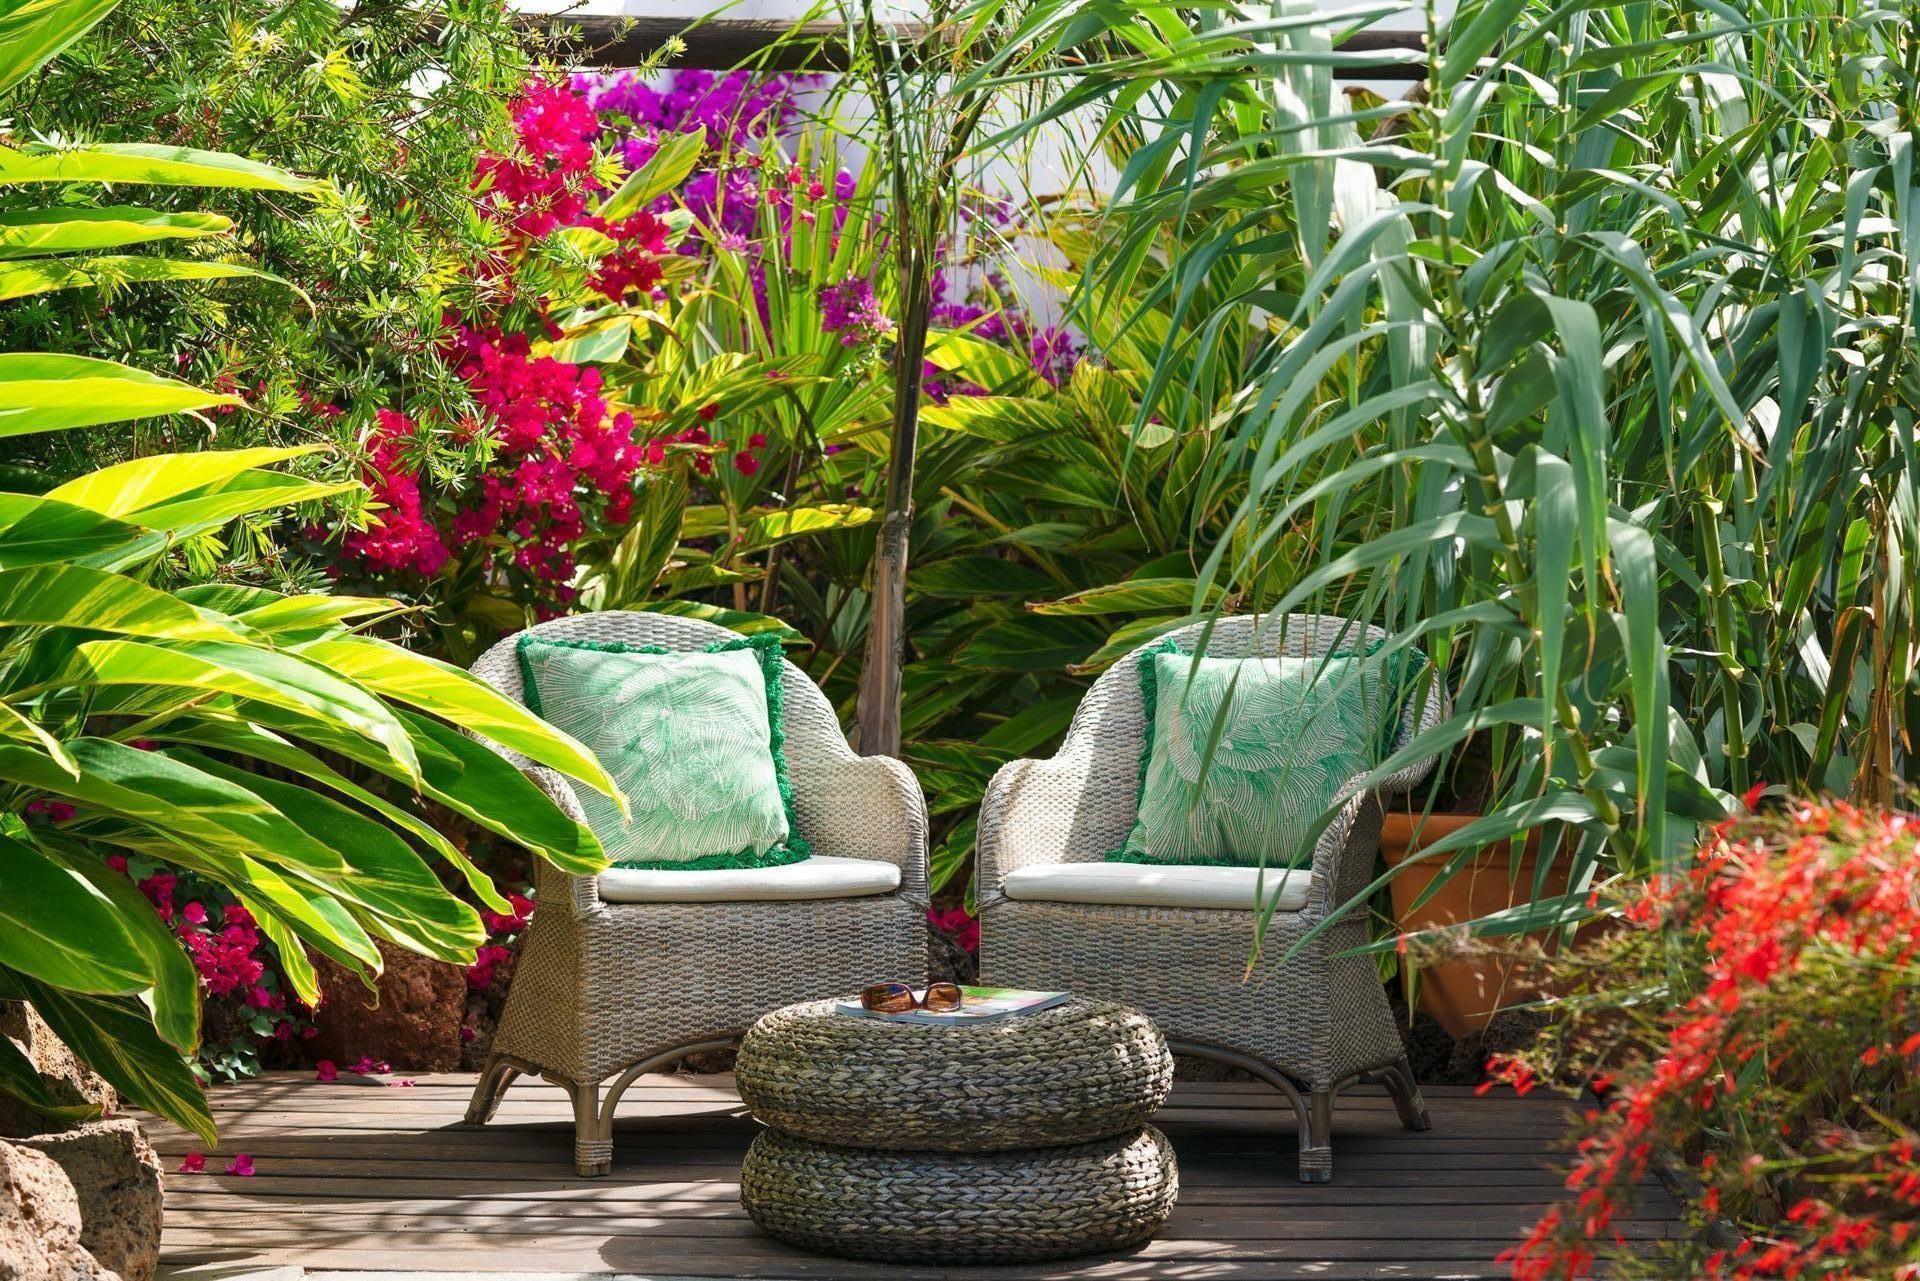 Ferienhaus für 4 Personen ca. 200 m² in    Lanzarote